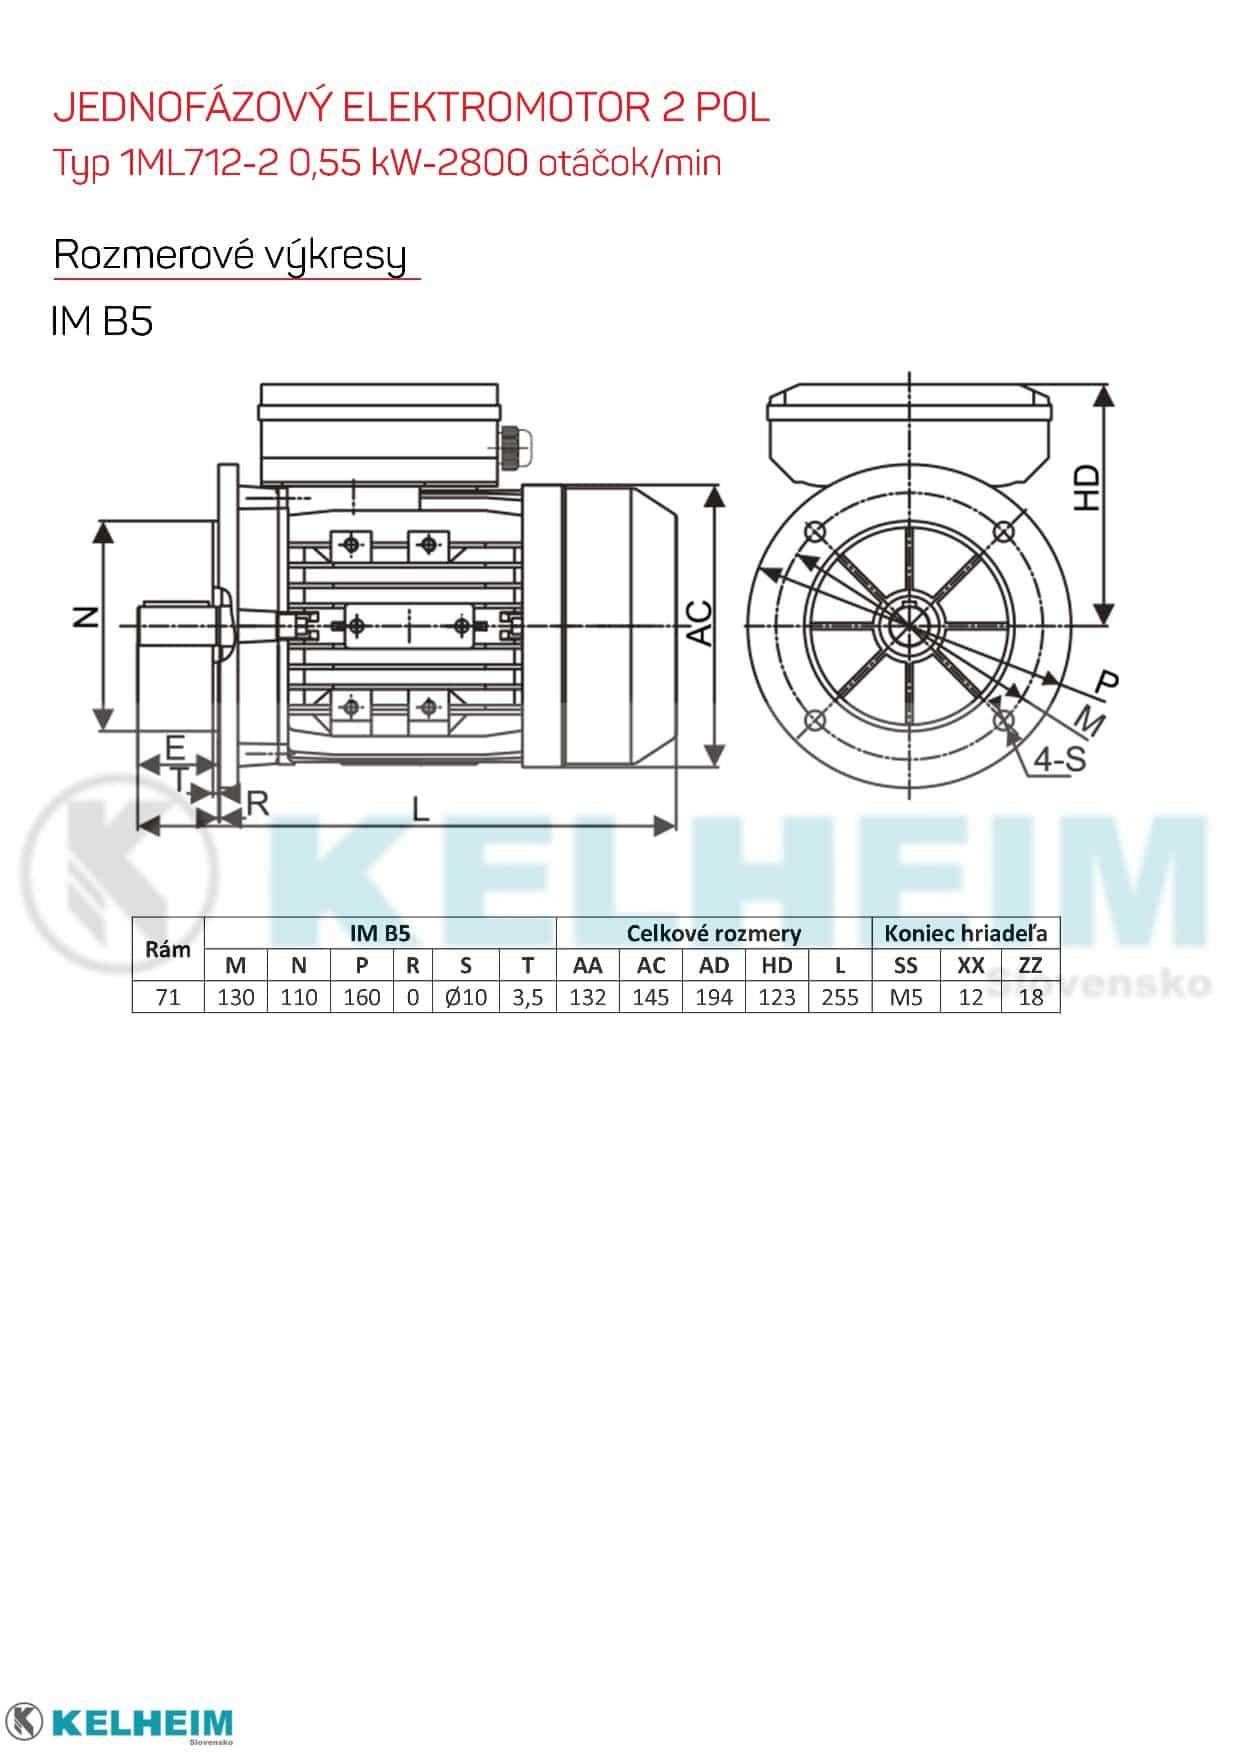 rozmerový výkres - jednofázový elektromotor 0,55kw ML712-2 B5